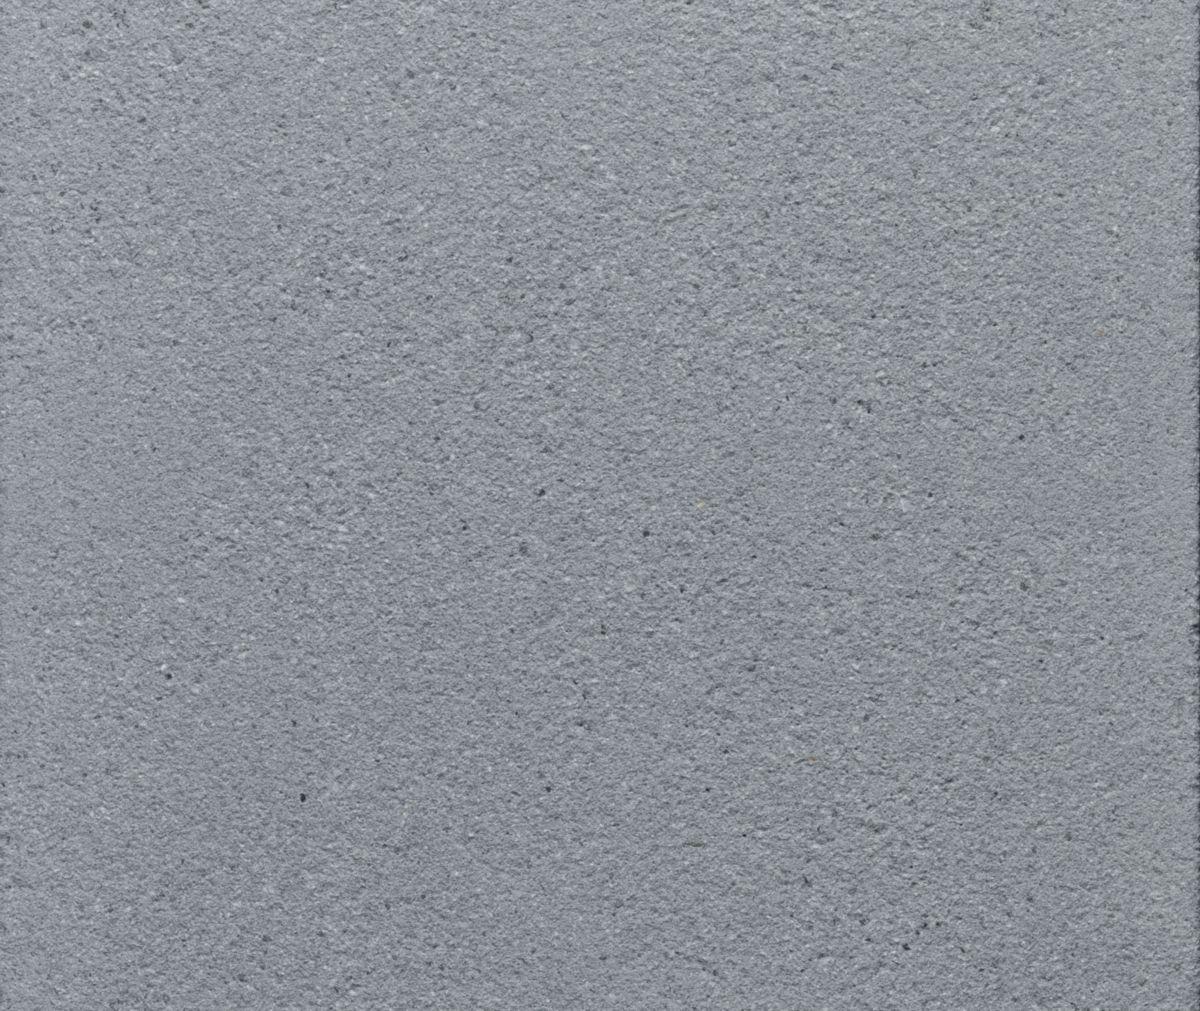 Dalle Arcadia Premium 40X40Cm Épaisseur 4,2Cm Gris Foncé Clean Top dedans Margelle Piscine Point P